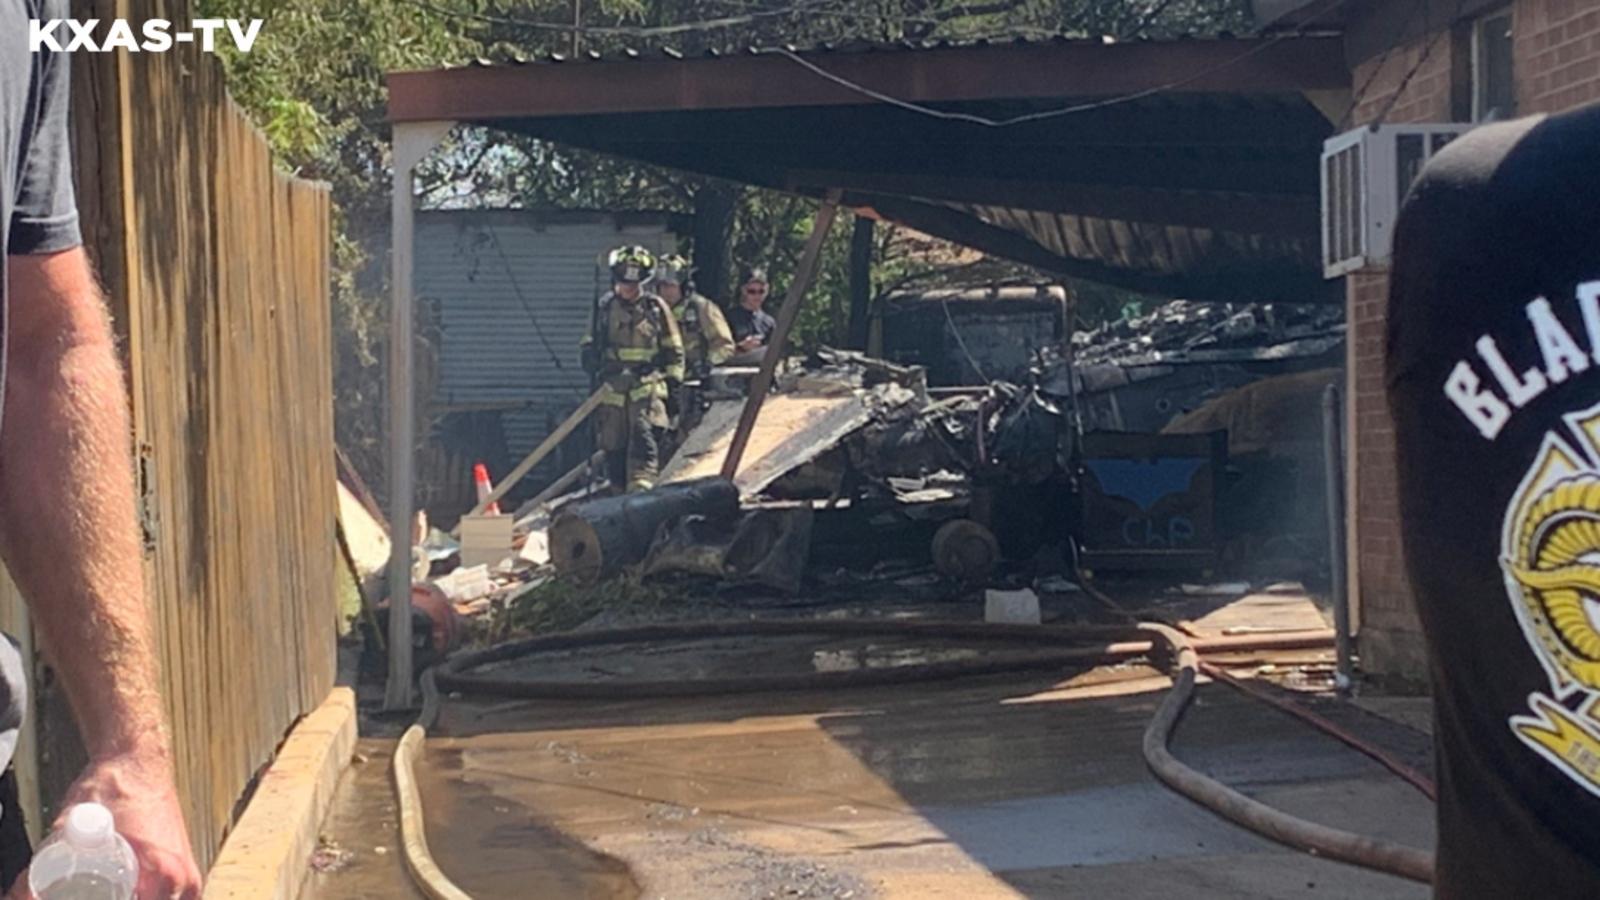 Máy bay quân sự rơi xuống nhà dân, 5 người bị thương